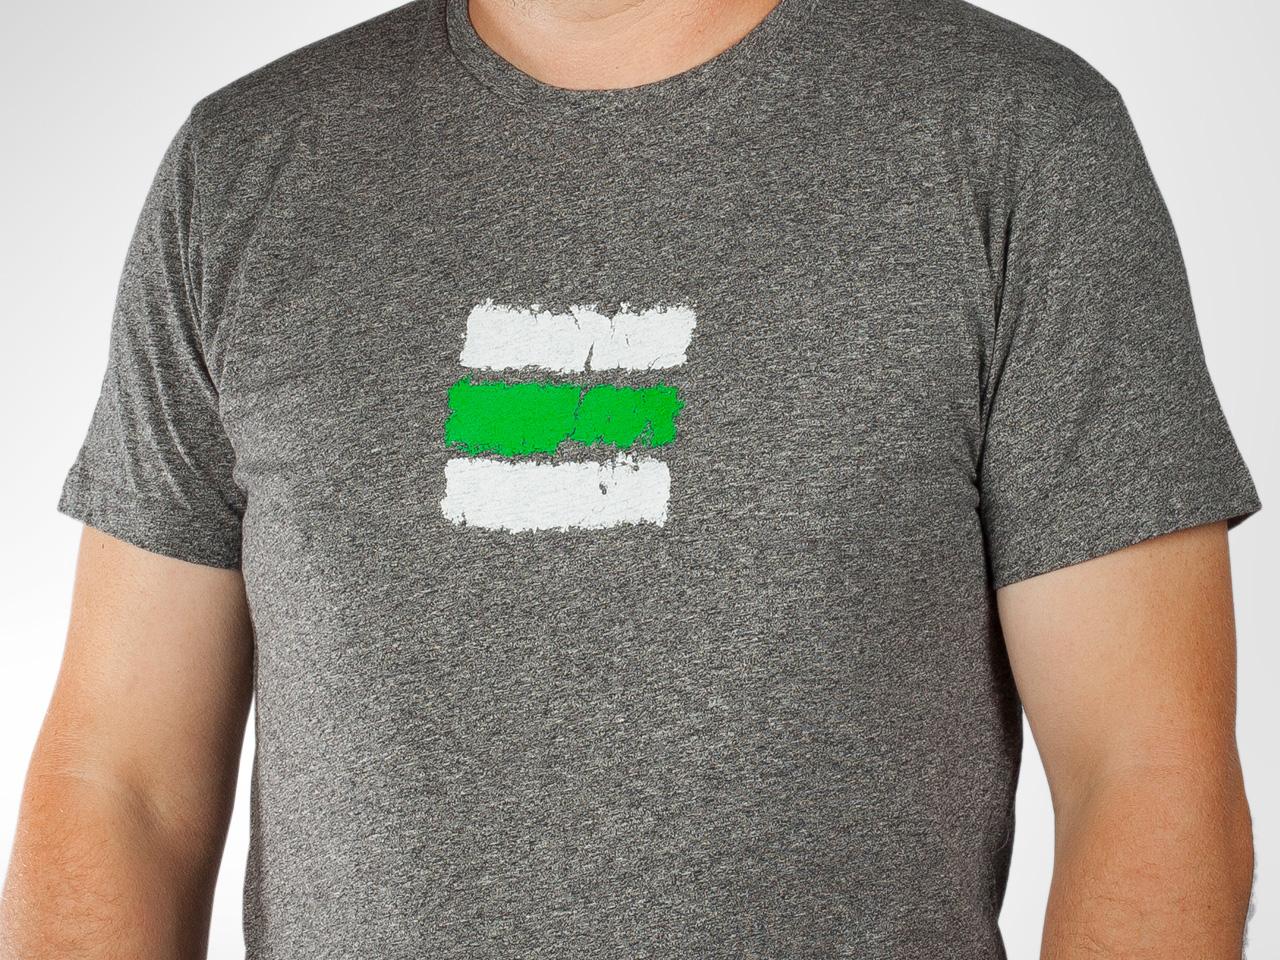 bfba0629a3 Turistické pánske tričko Zelená značka z Kompotu — Kompot.sk